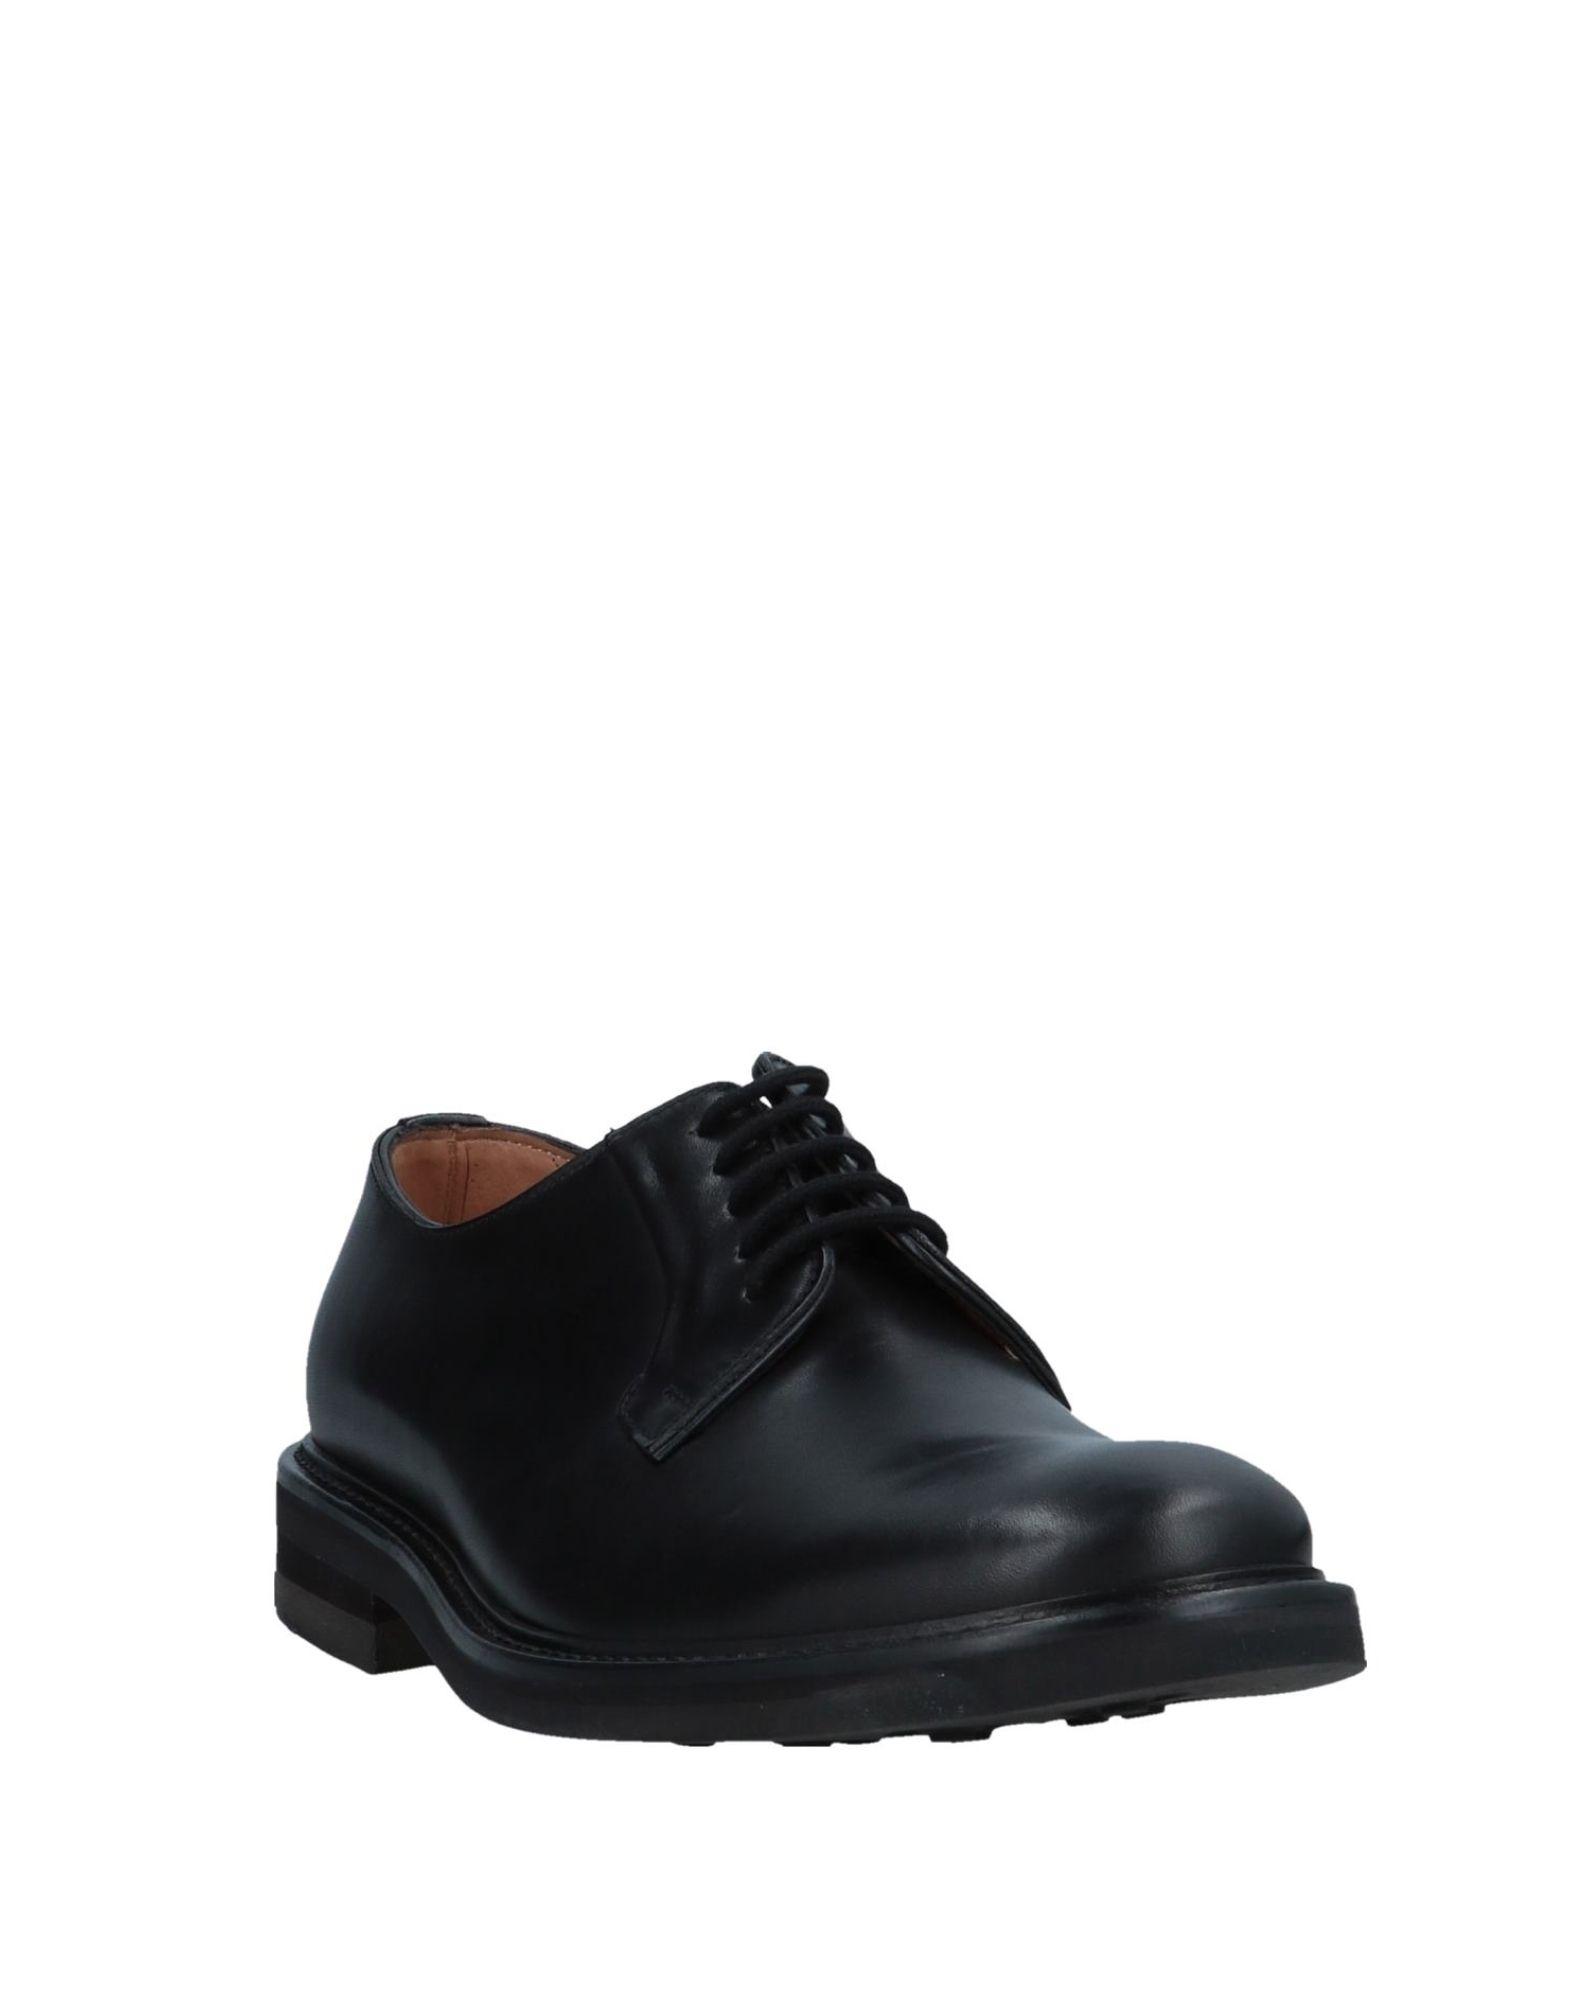 Rabatt Herren echte Schuhe Seboy's Schnürschuhe Herren Rabatt  11557709PP 710cfc